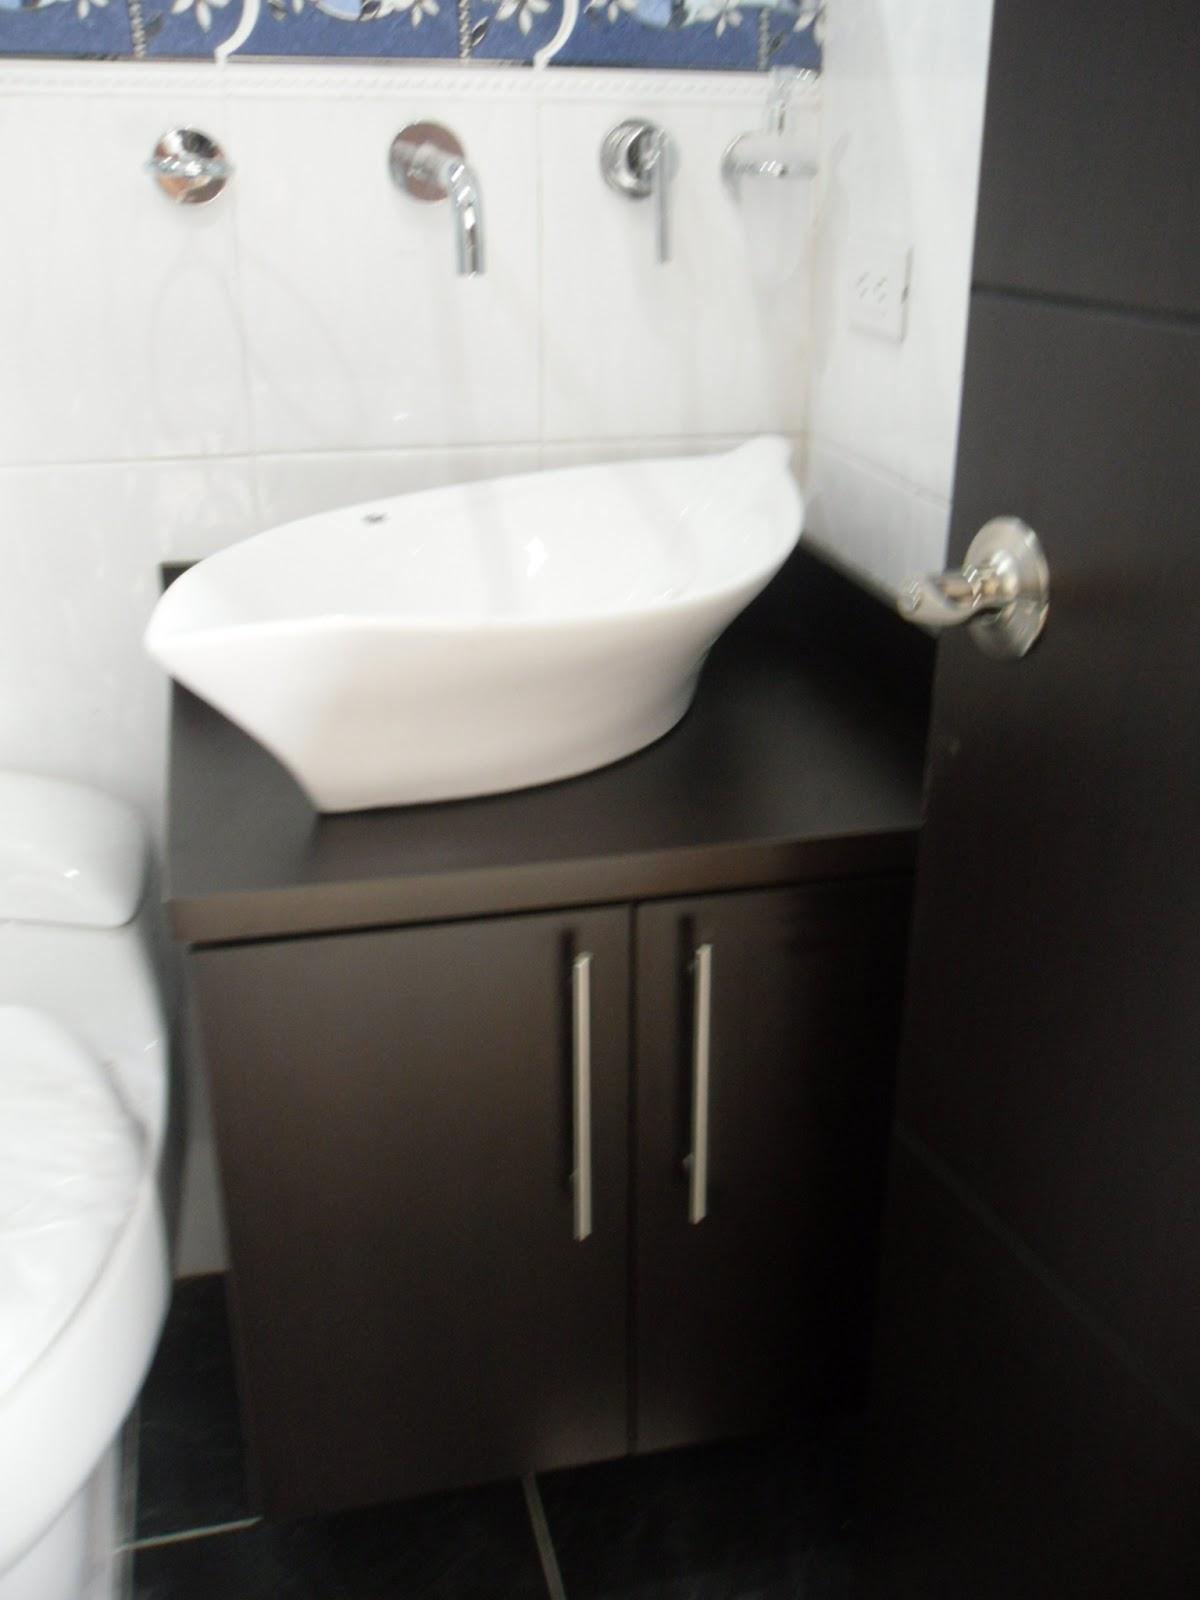 imagenes de muebles para lavamanos modernos - Muebles de baño, Baño Confort Especialistas en muebles